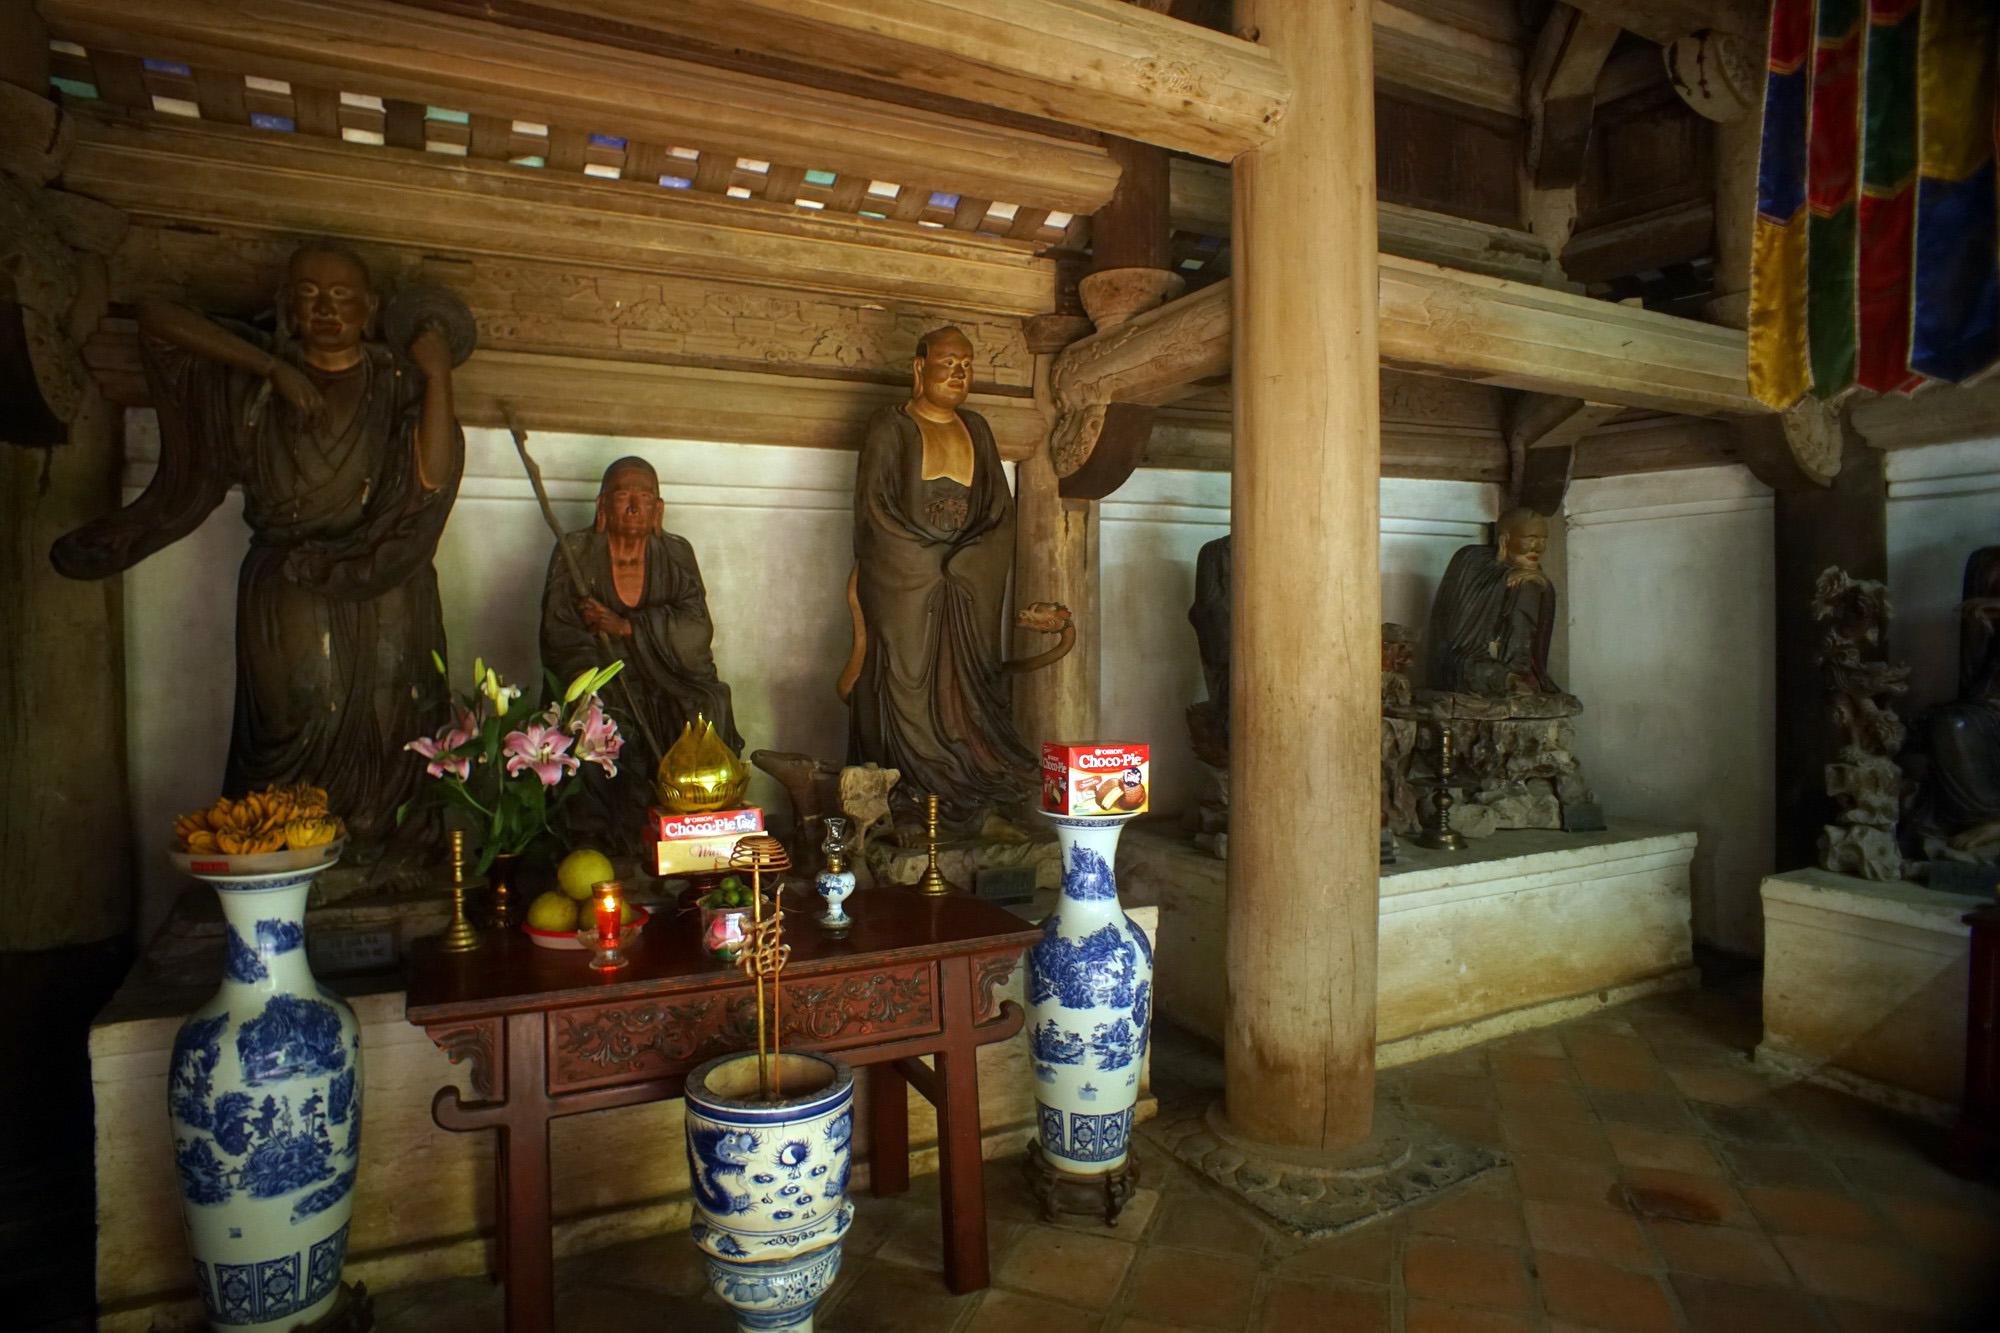 Ảnh hưởng của mỹ thuật truyền thống trong mỹ thuật hiện đại Việt Nam